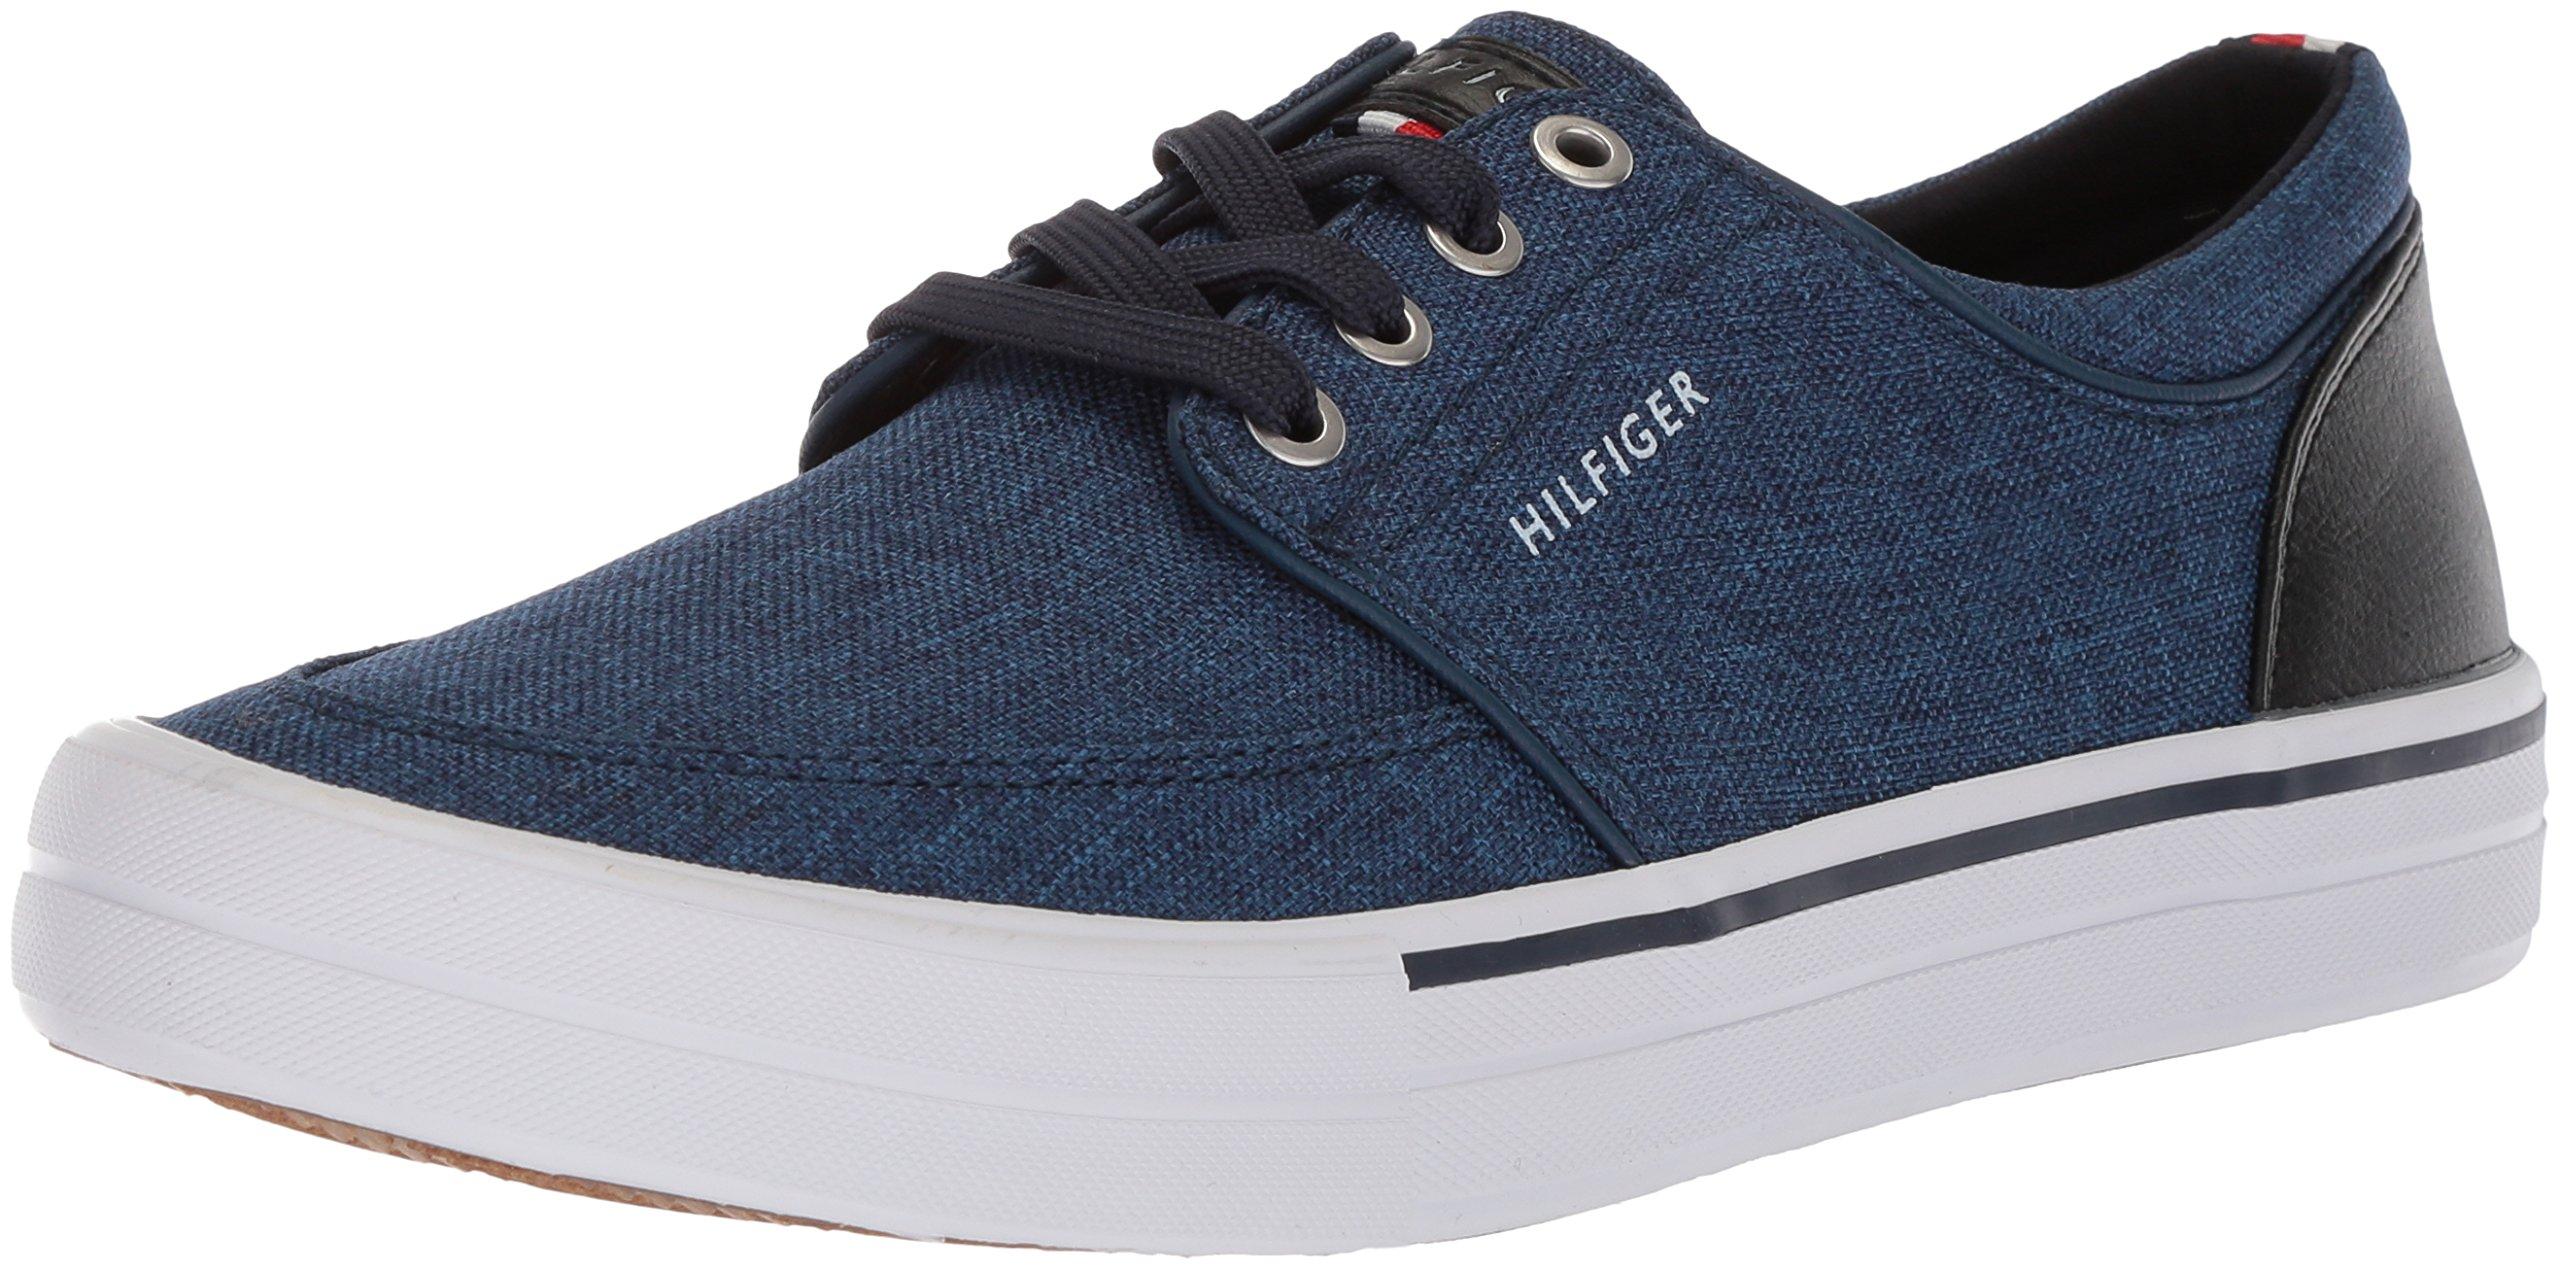 Tommy Hilfiger Men's REDD5 Shoe, Dark Blue Texture, 9 Medium US